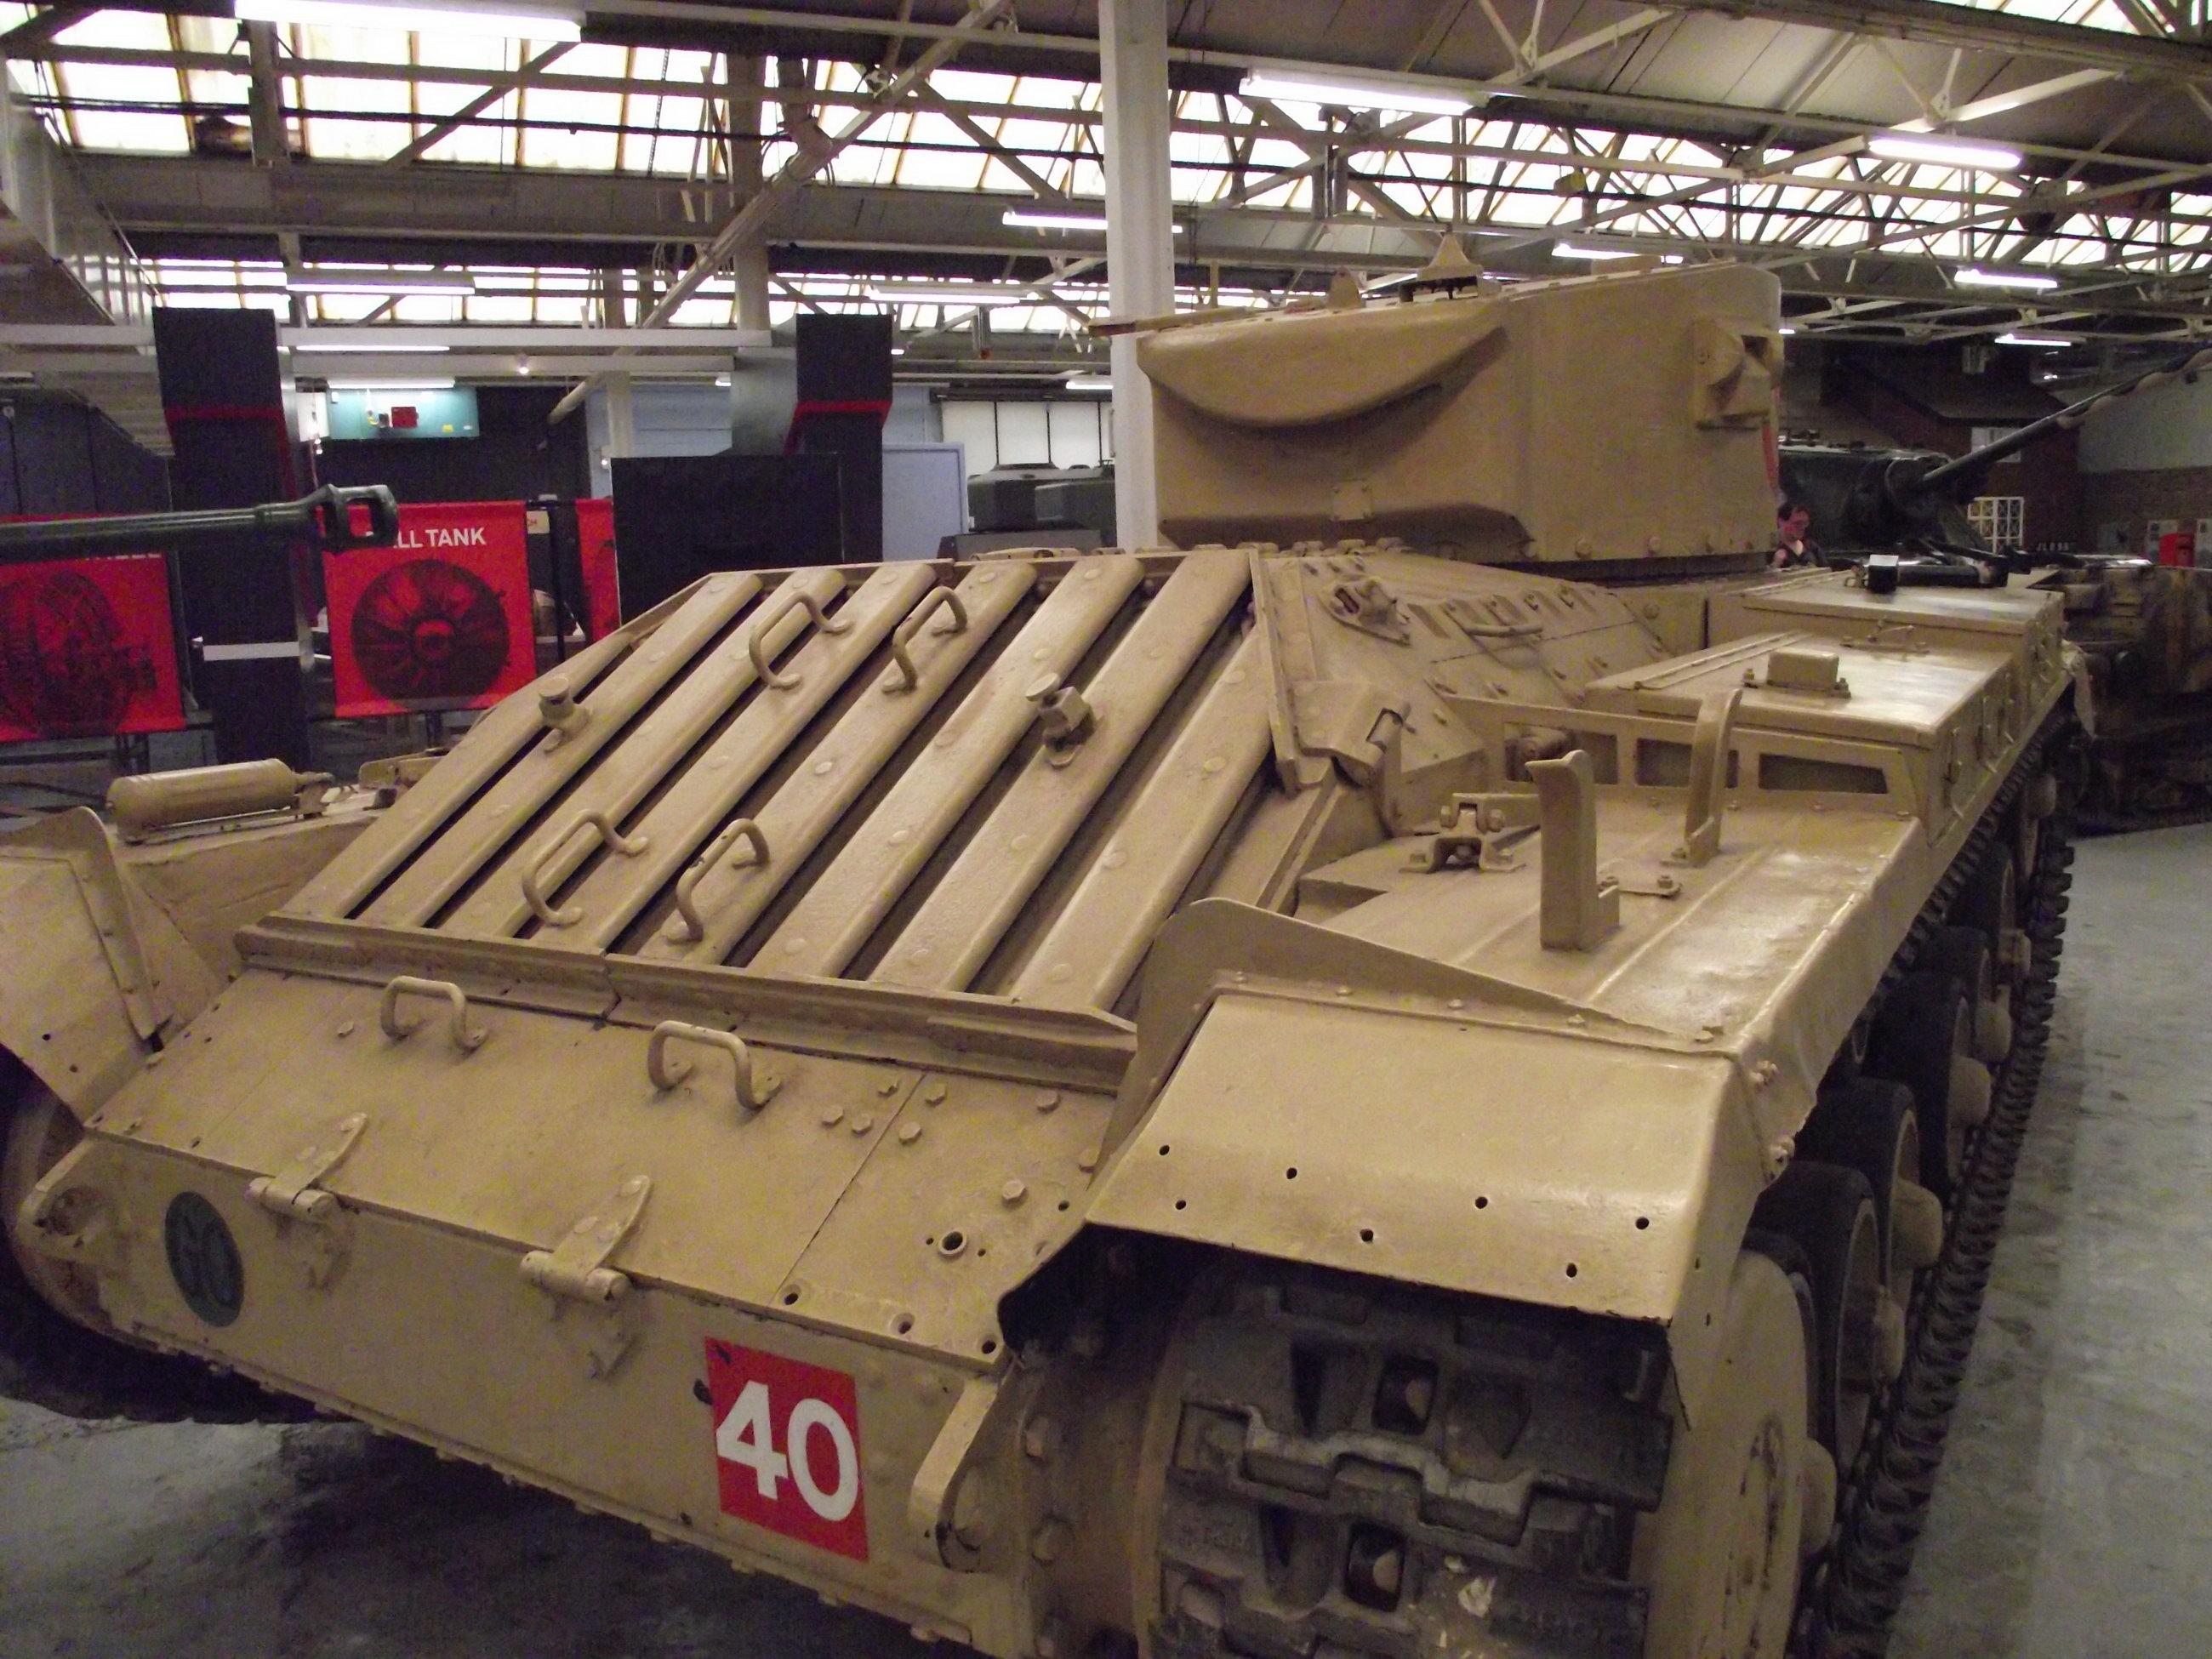 Tank_Museum_20180919_356.jpg